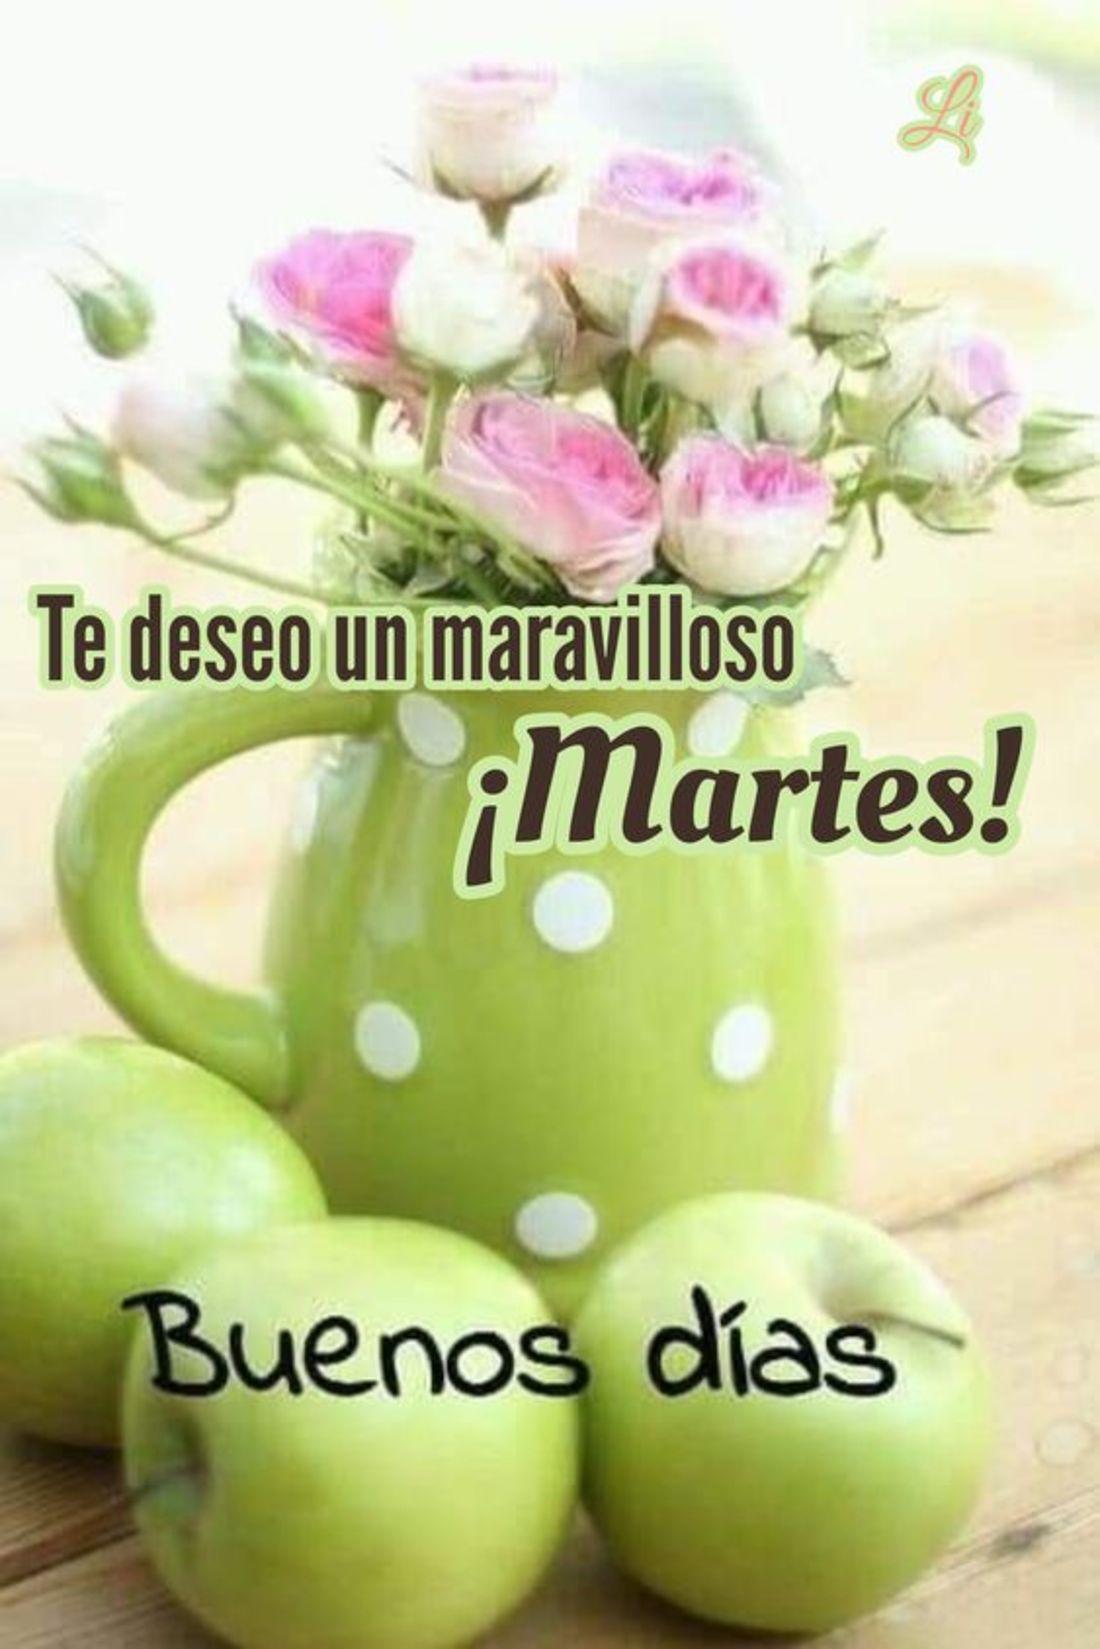 Te deseo un maravilloso martes! buenos dias